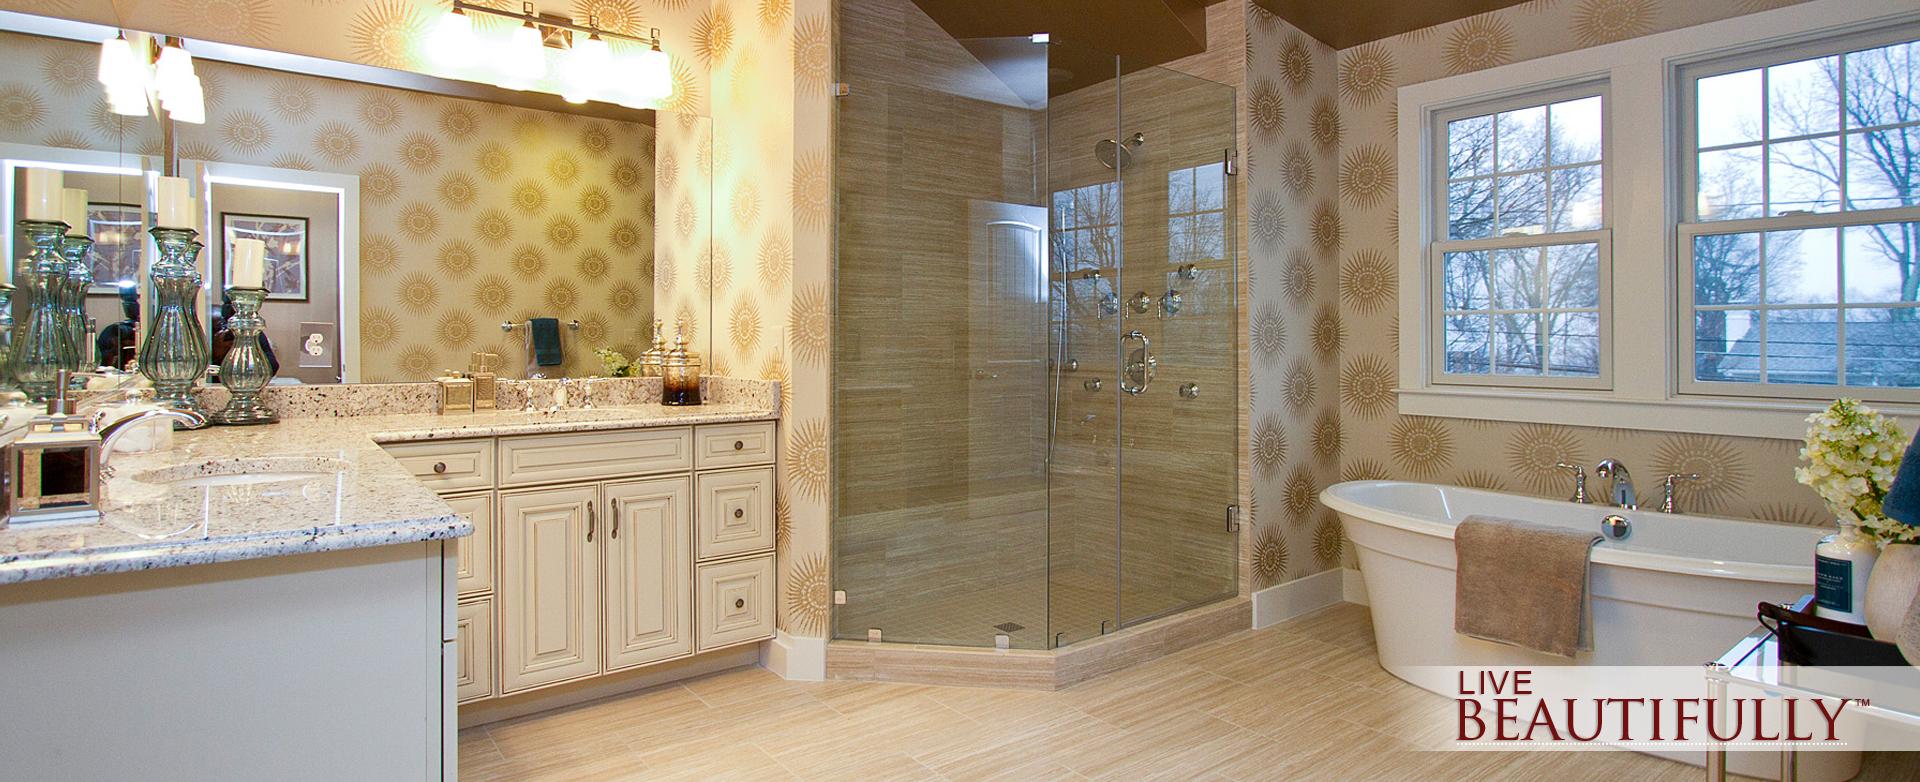 bathroomheader1